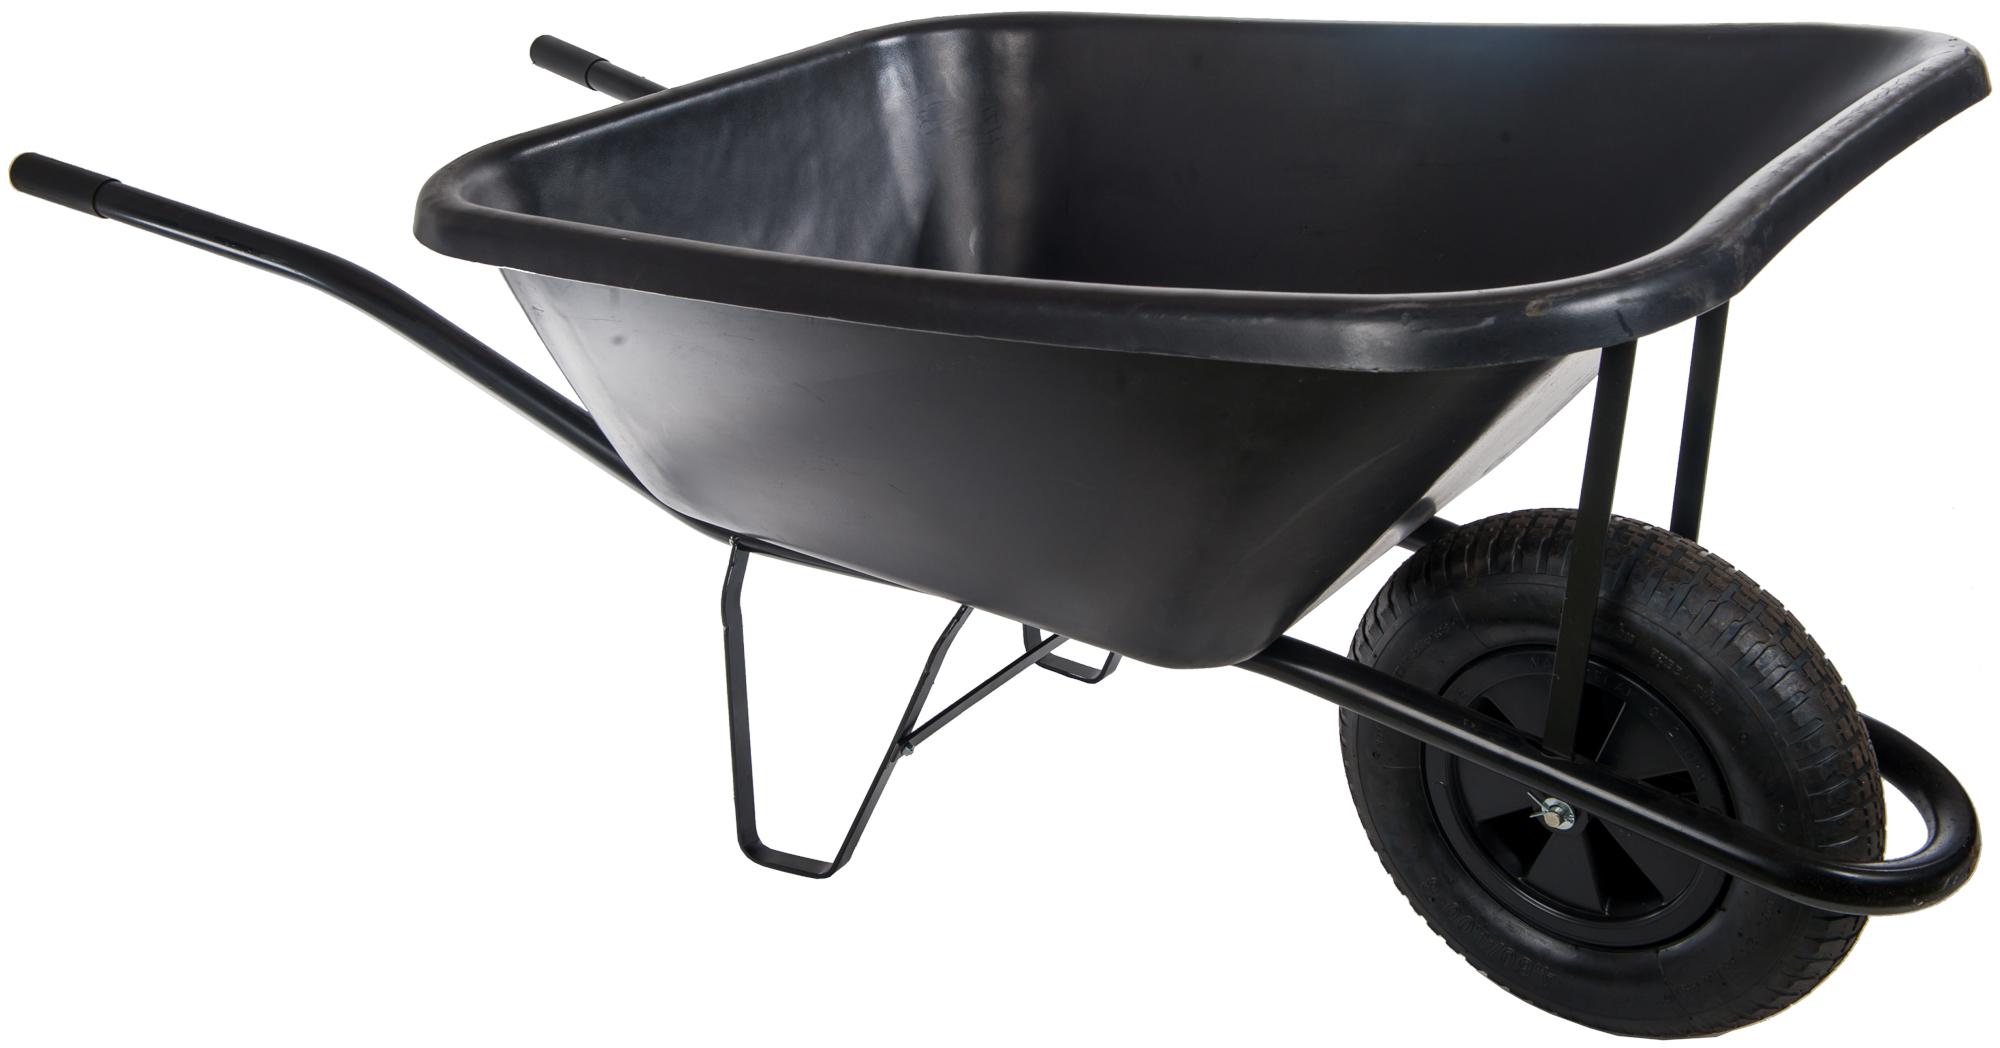 HTI Zahradní kolečko 120L s nafukovací pneumatikou KZ03